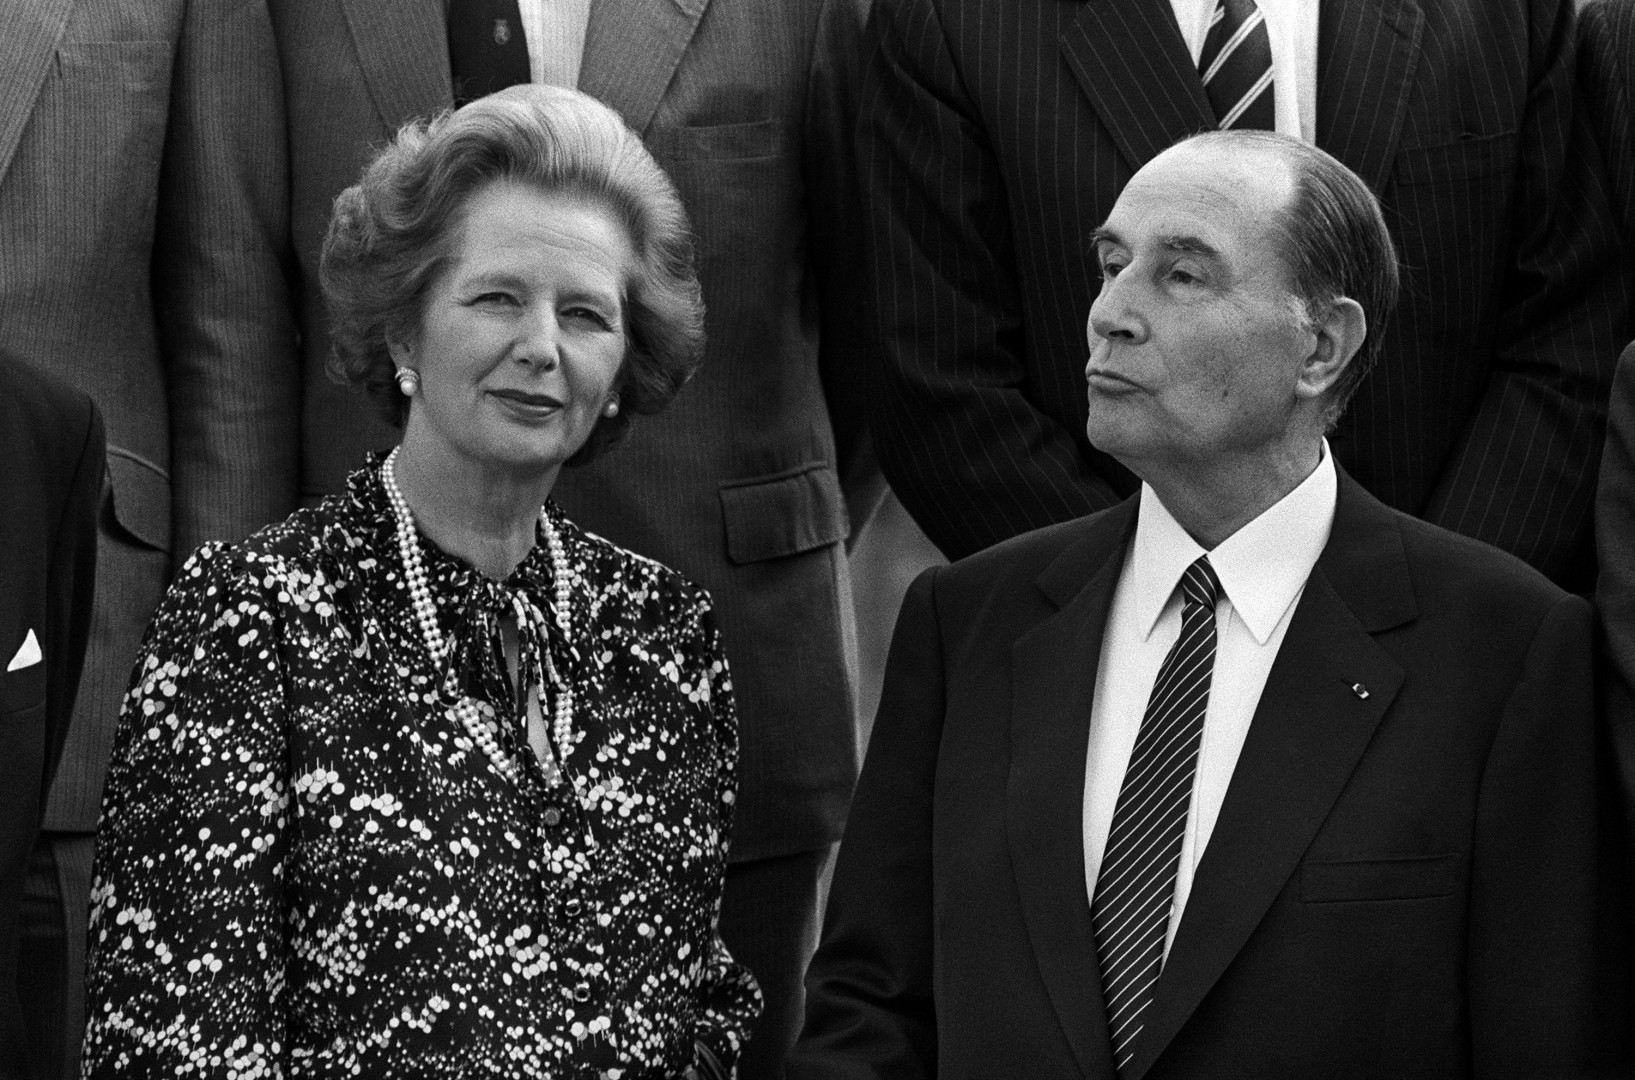 26 juin 1984 : Margaret Thatcher avec le président français François Mitterrand, lors du Conseil de l'Europe à Fontainebleau